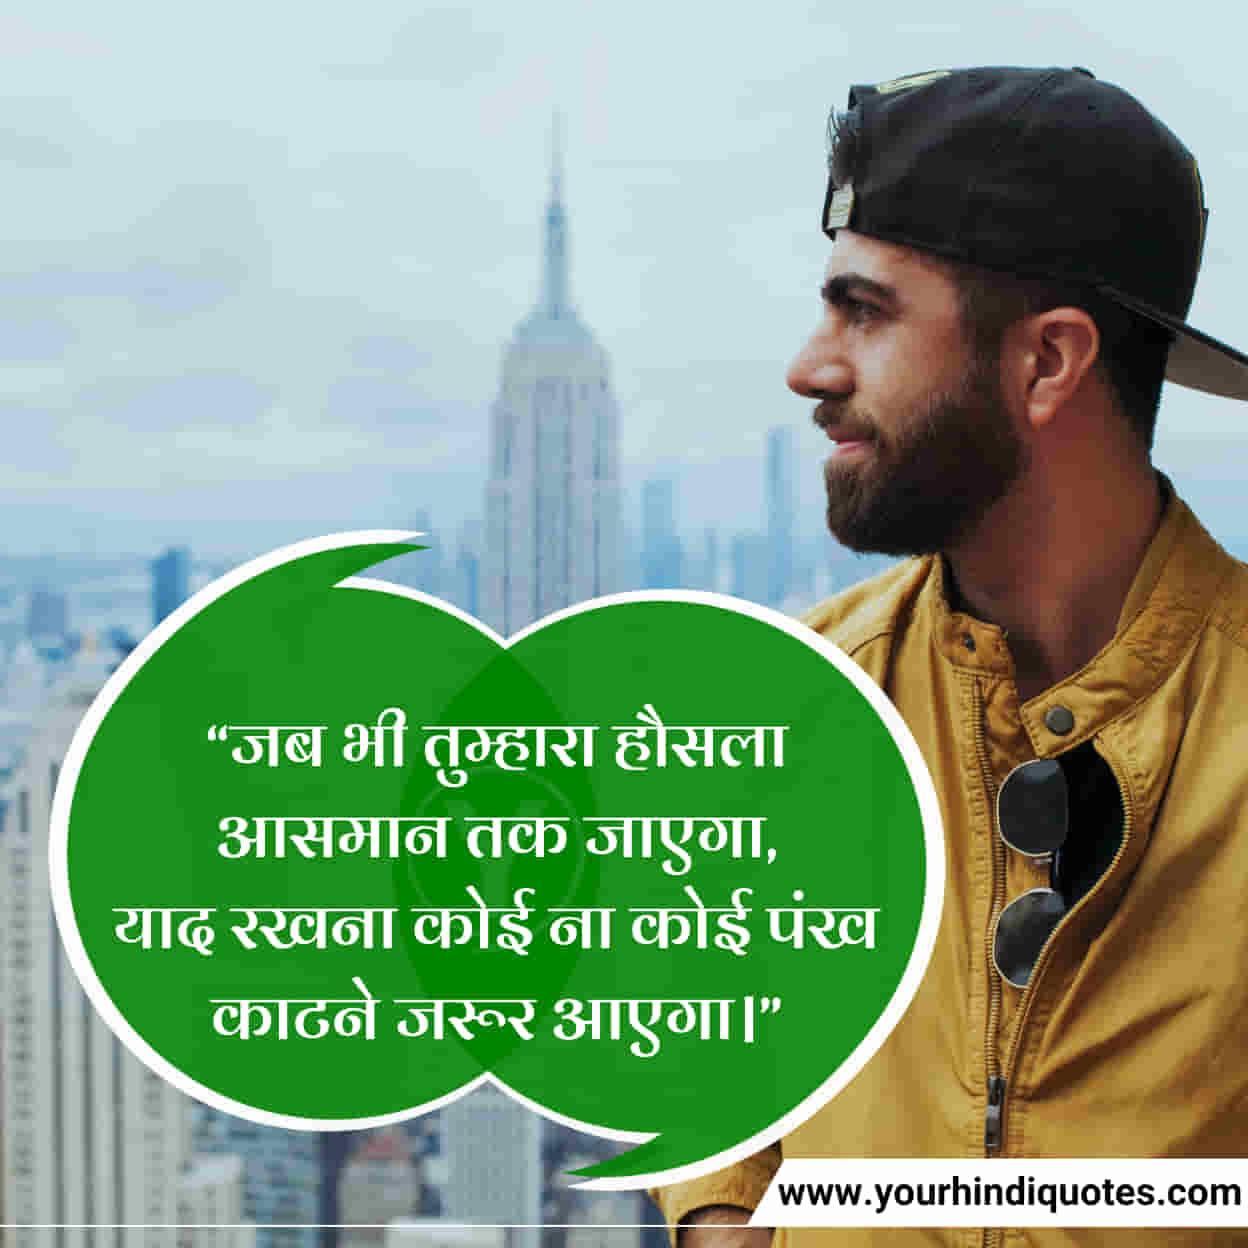 Motivational Hindi Shayari for Whatsapp Status